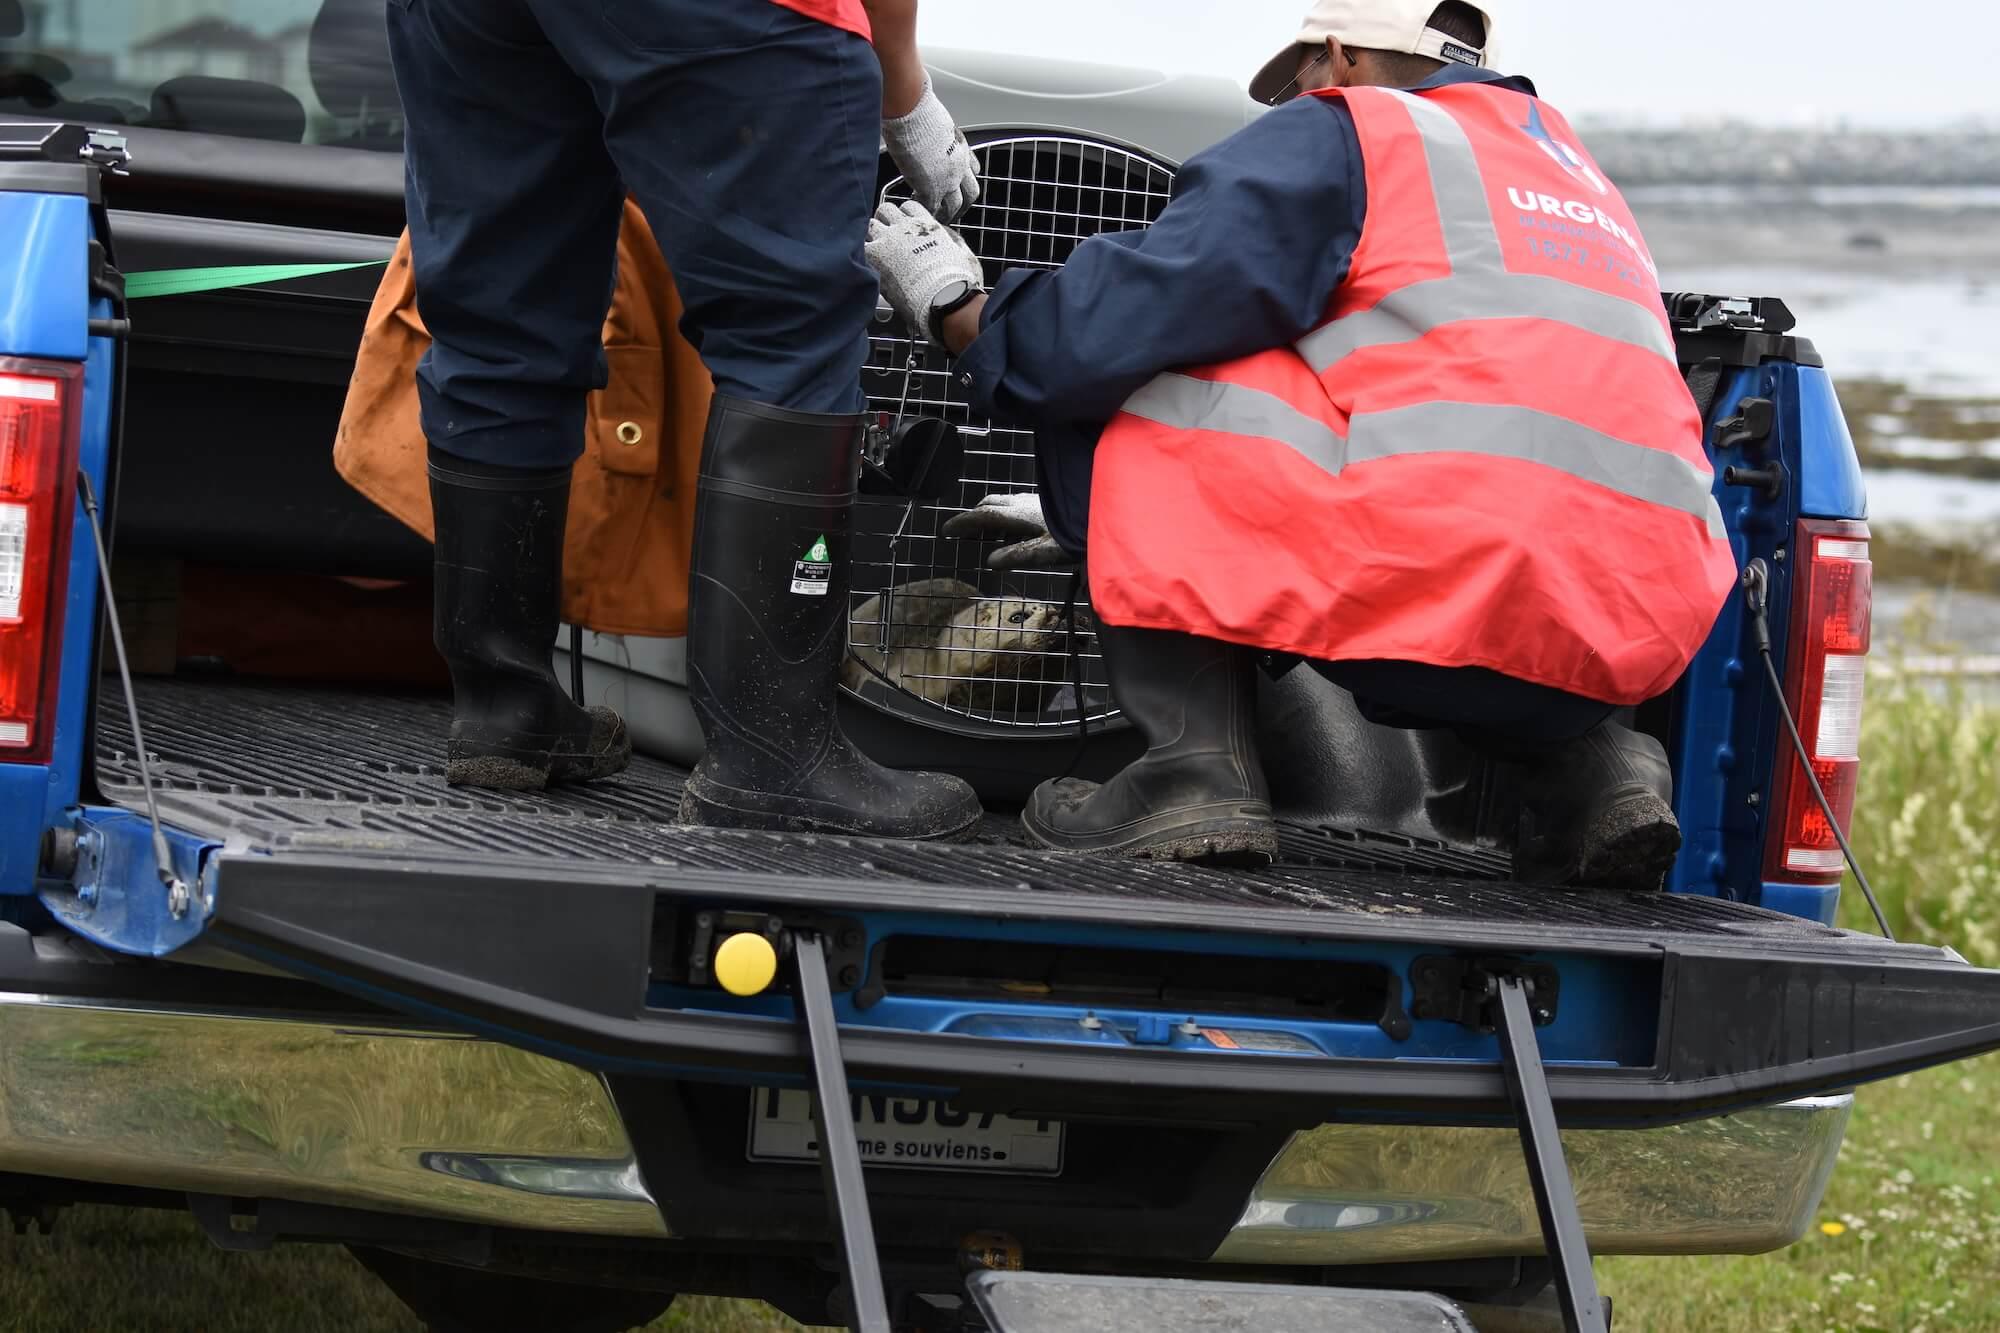 Boîte de camion pick-up dans laquelle se trouvent les deux membres de l'équipe mobile de la rive sud du fleuve et un phoque, dans une grosse cage.